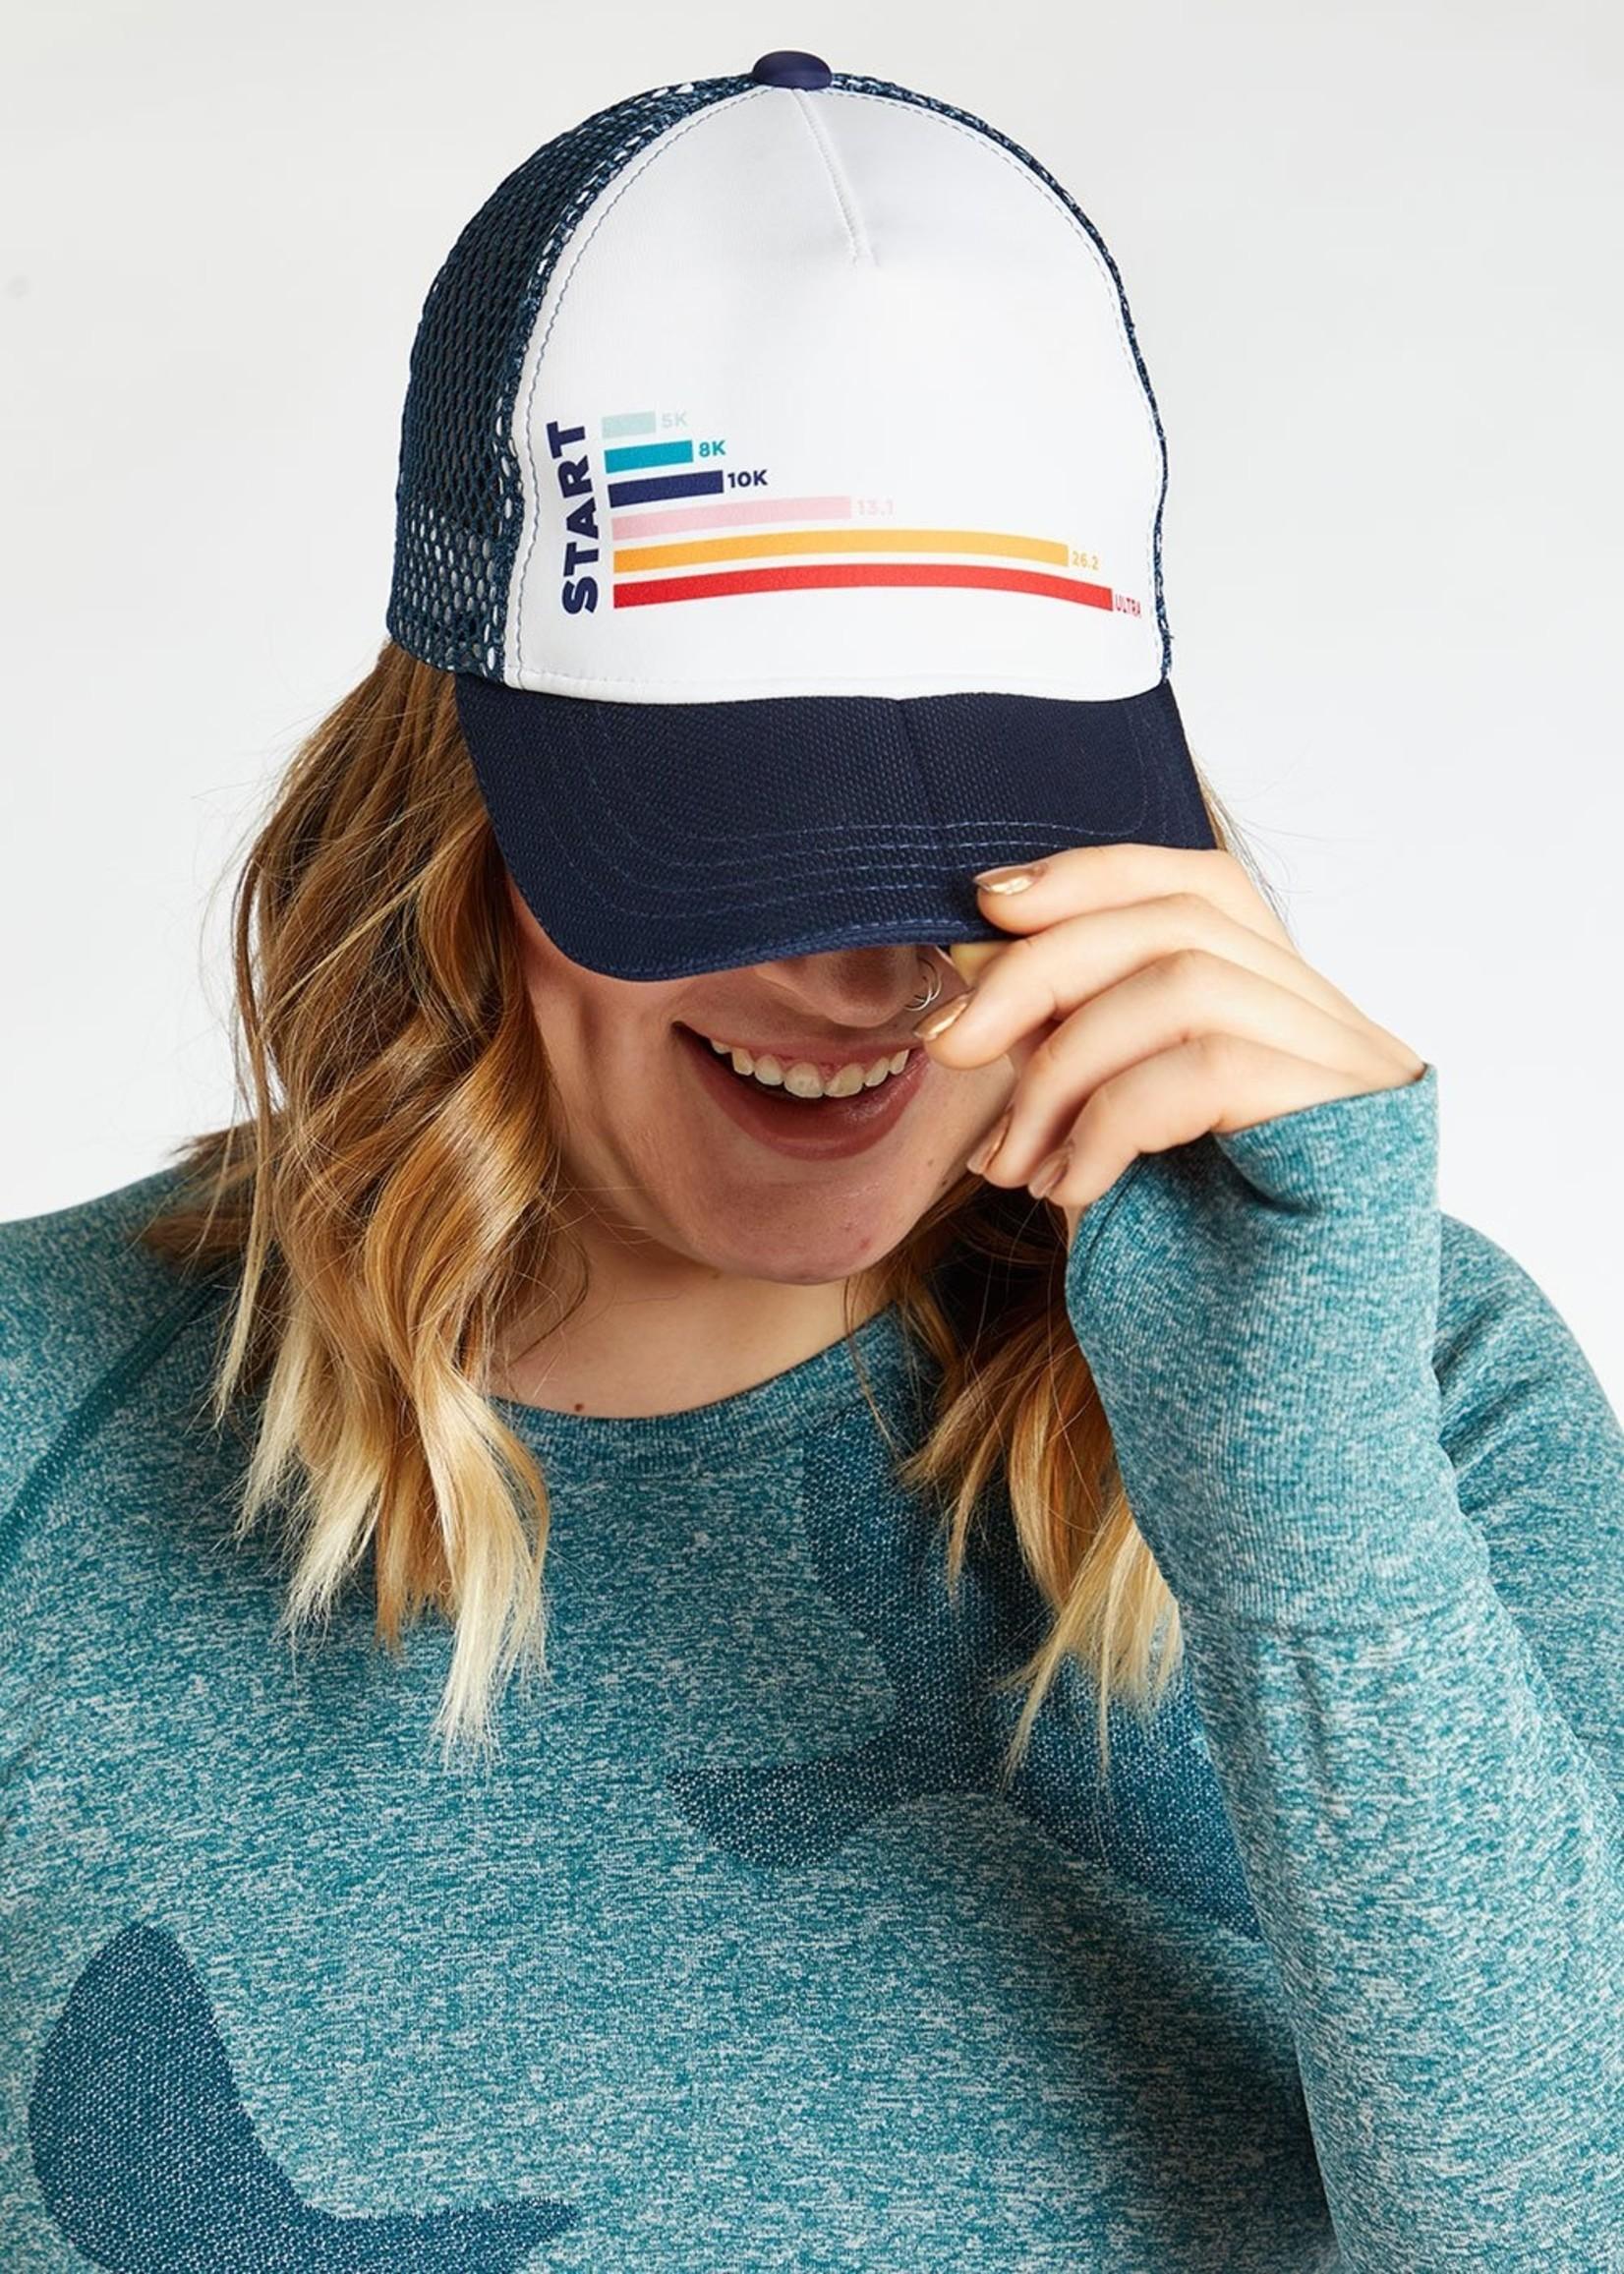 Oiselle Running, Inc. Oiselle S21 Runner Trucker Hat